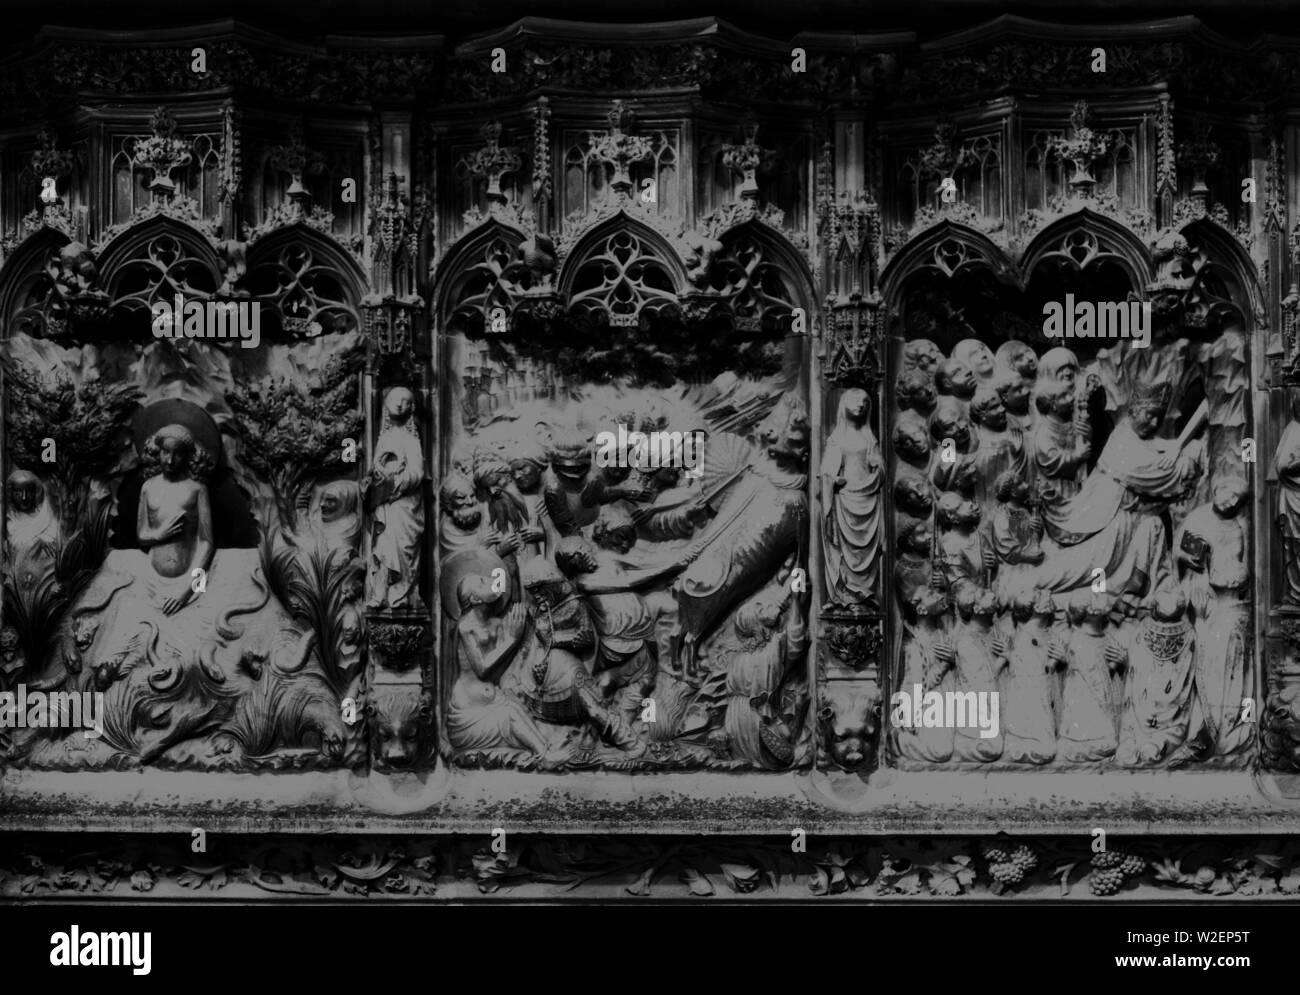 DET- RETABLO MAYOR REALIZADO EN ALABASTRO POLICROMADO ENTRE LOS AÑOS 1426 Y 1433 - ESCENAS DE LA VIDA DE LA VIRGEN DE SANTA TECLA Y DE SAN PABLO. Author: JOHAN PERE O JOAN PERE. Location: CATEDRAL-INTERIOR. TARRAGONA. SPAIN. - Stock Image